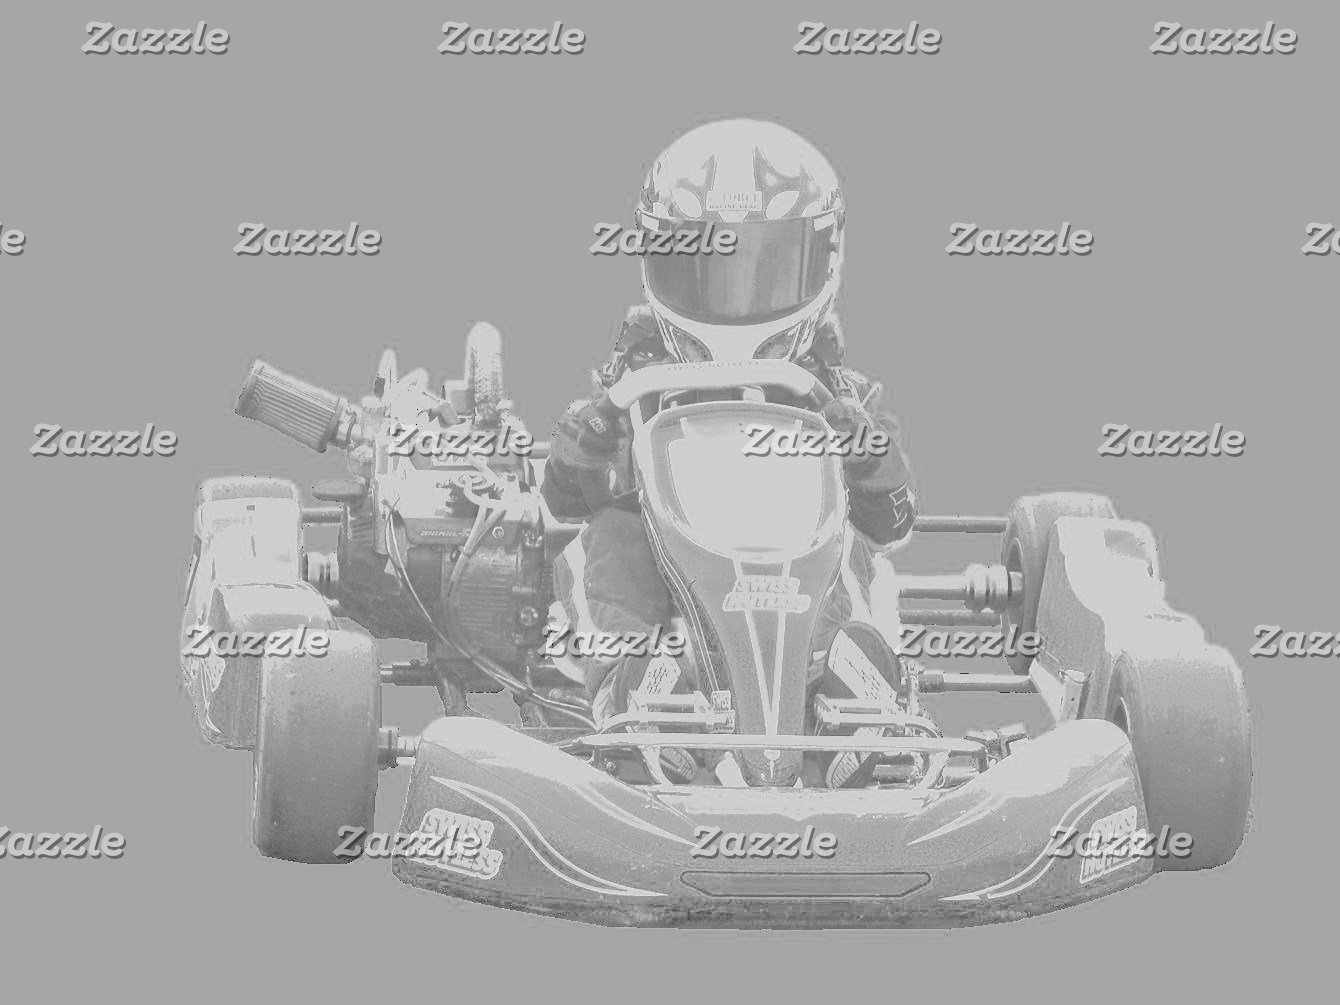 Kart Racer in gray